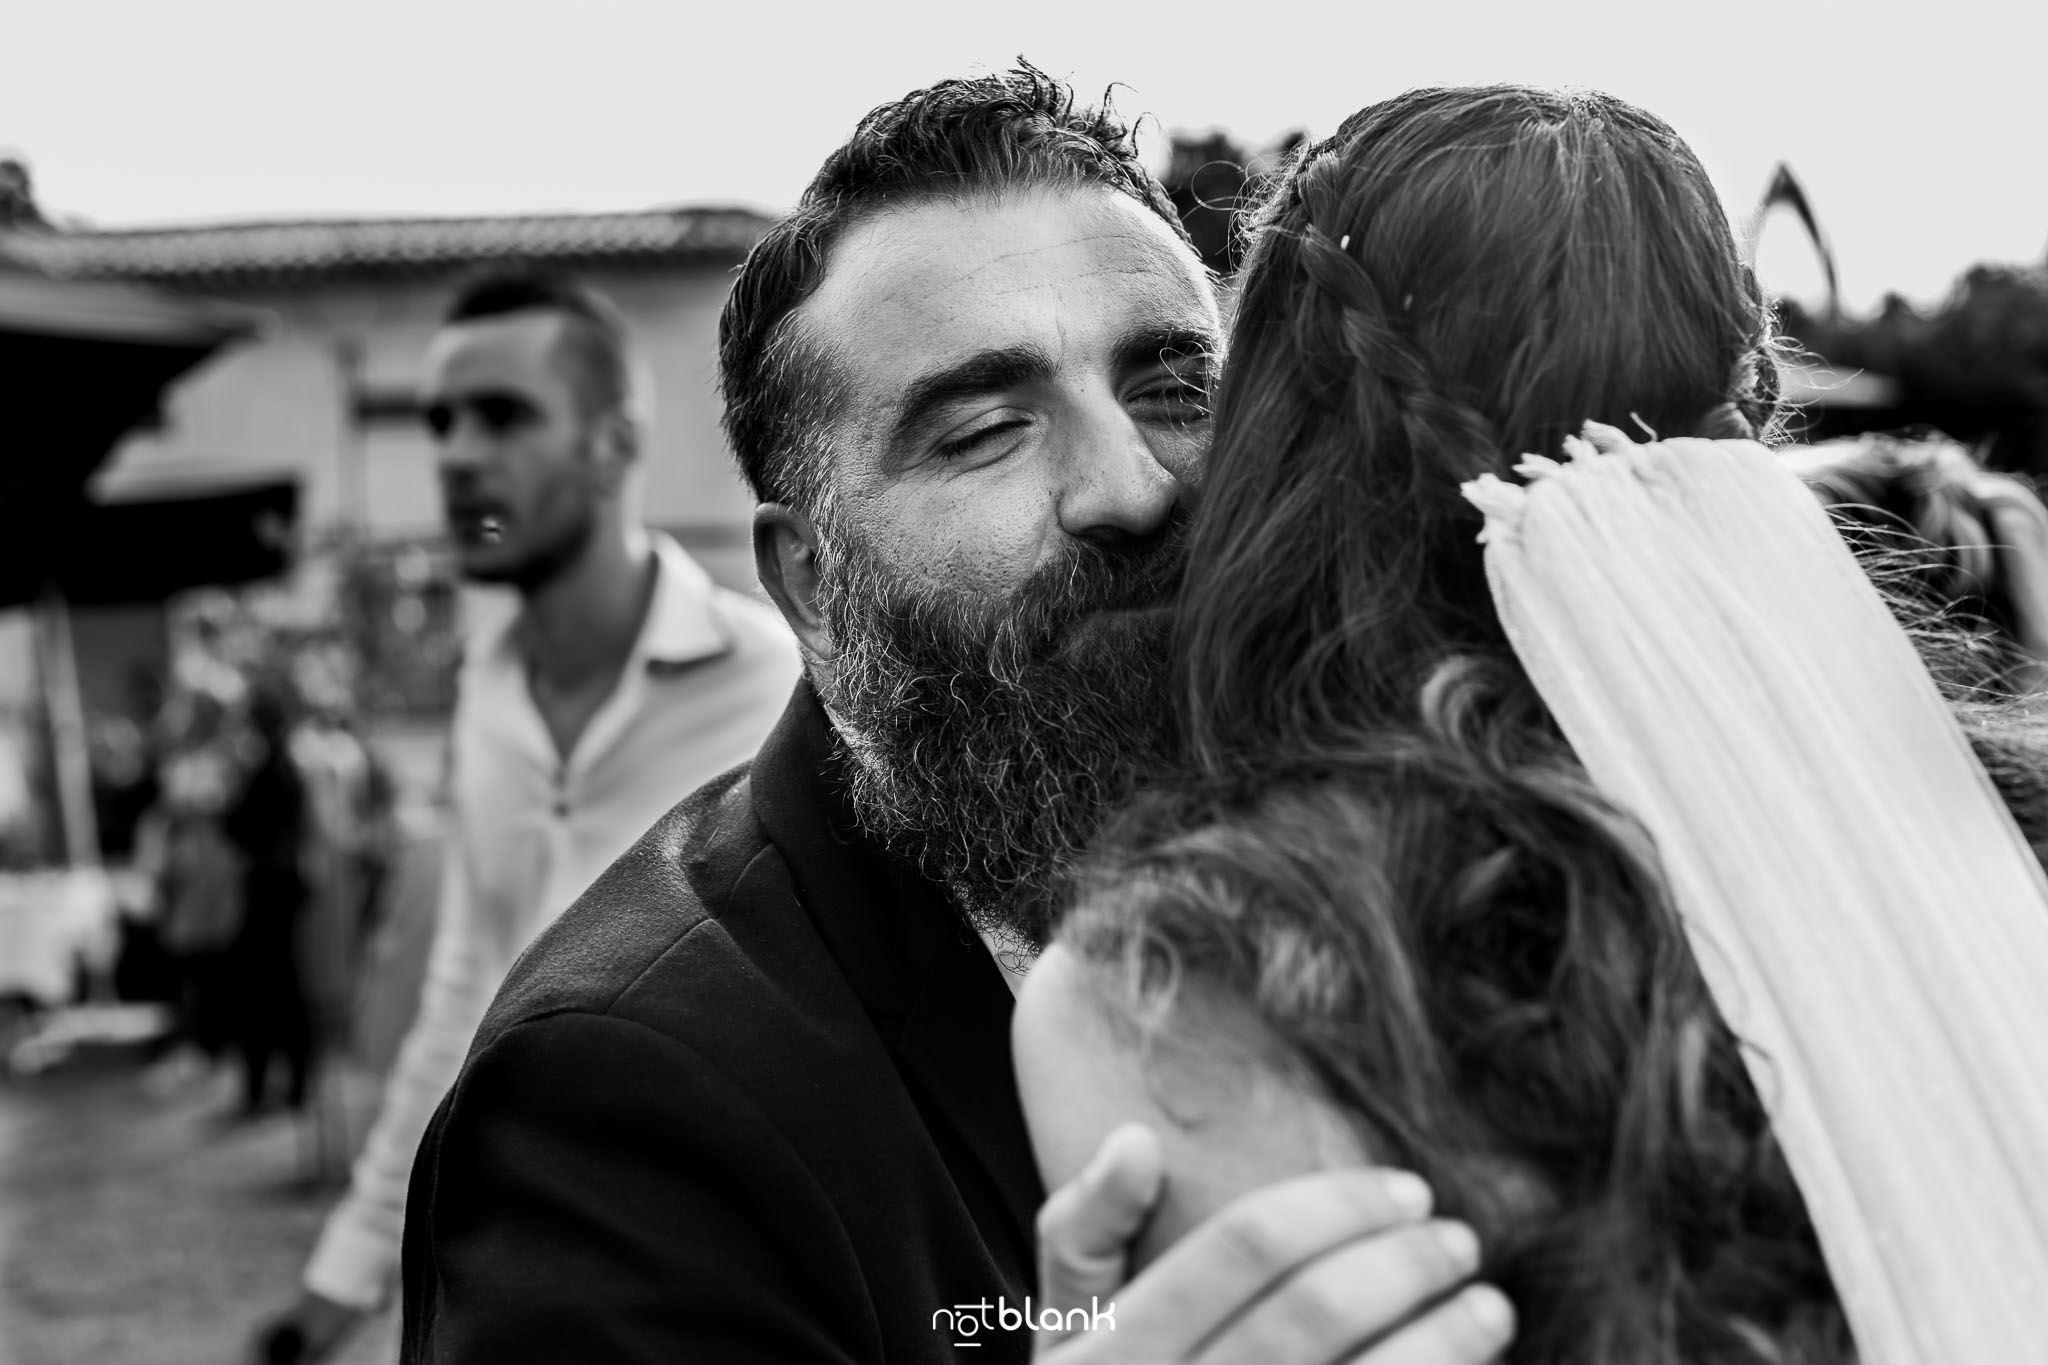 Notblank-Boda Tematica-Star Wars-Malaposta-Portugal-Fotógrafo de boda-Invitados-Emoción-Sonrisa-Abrazo